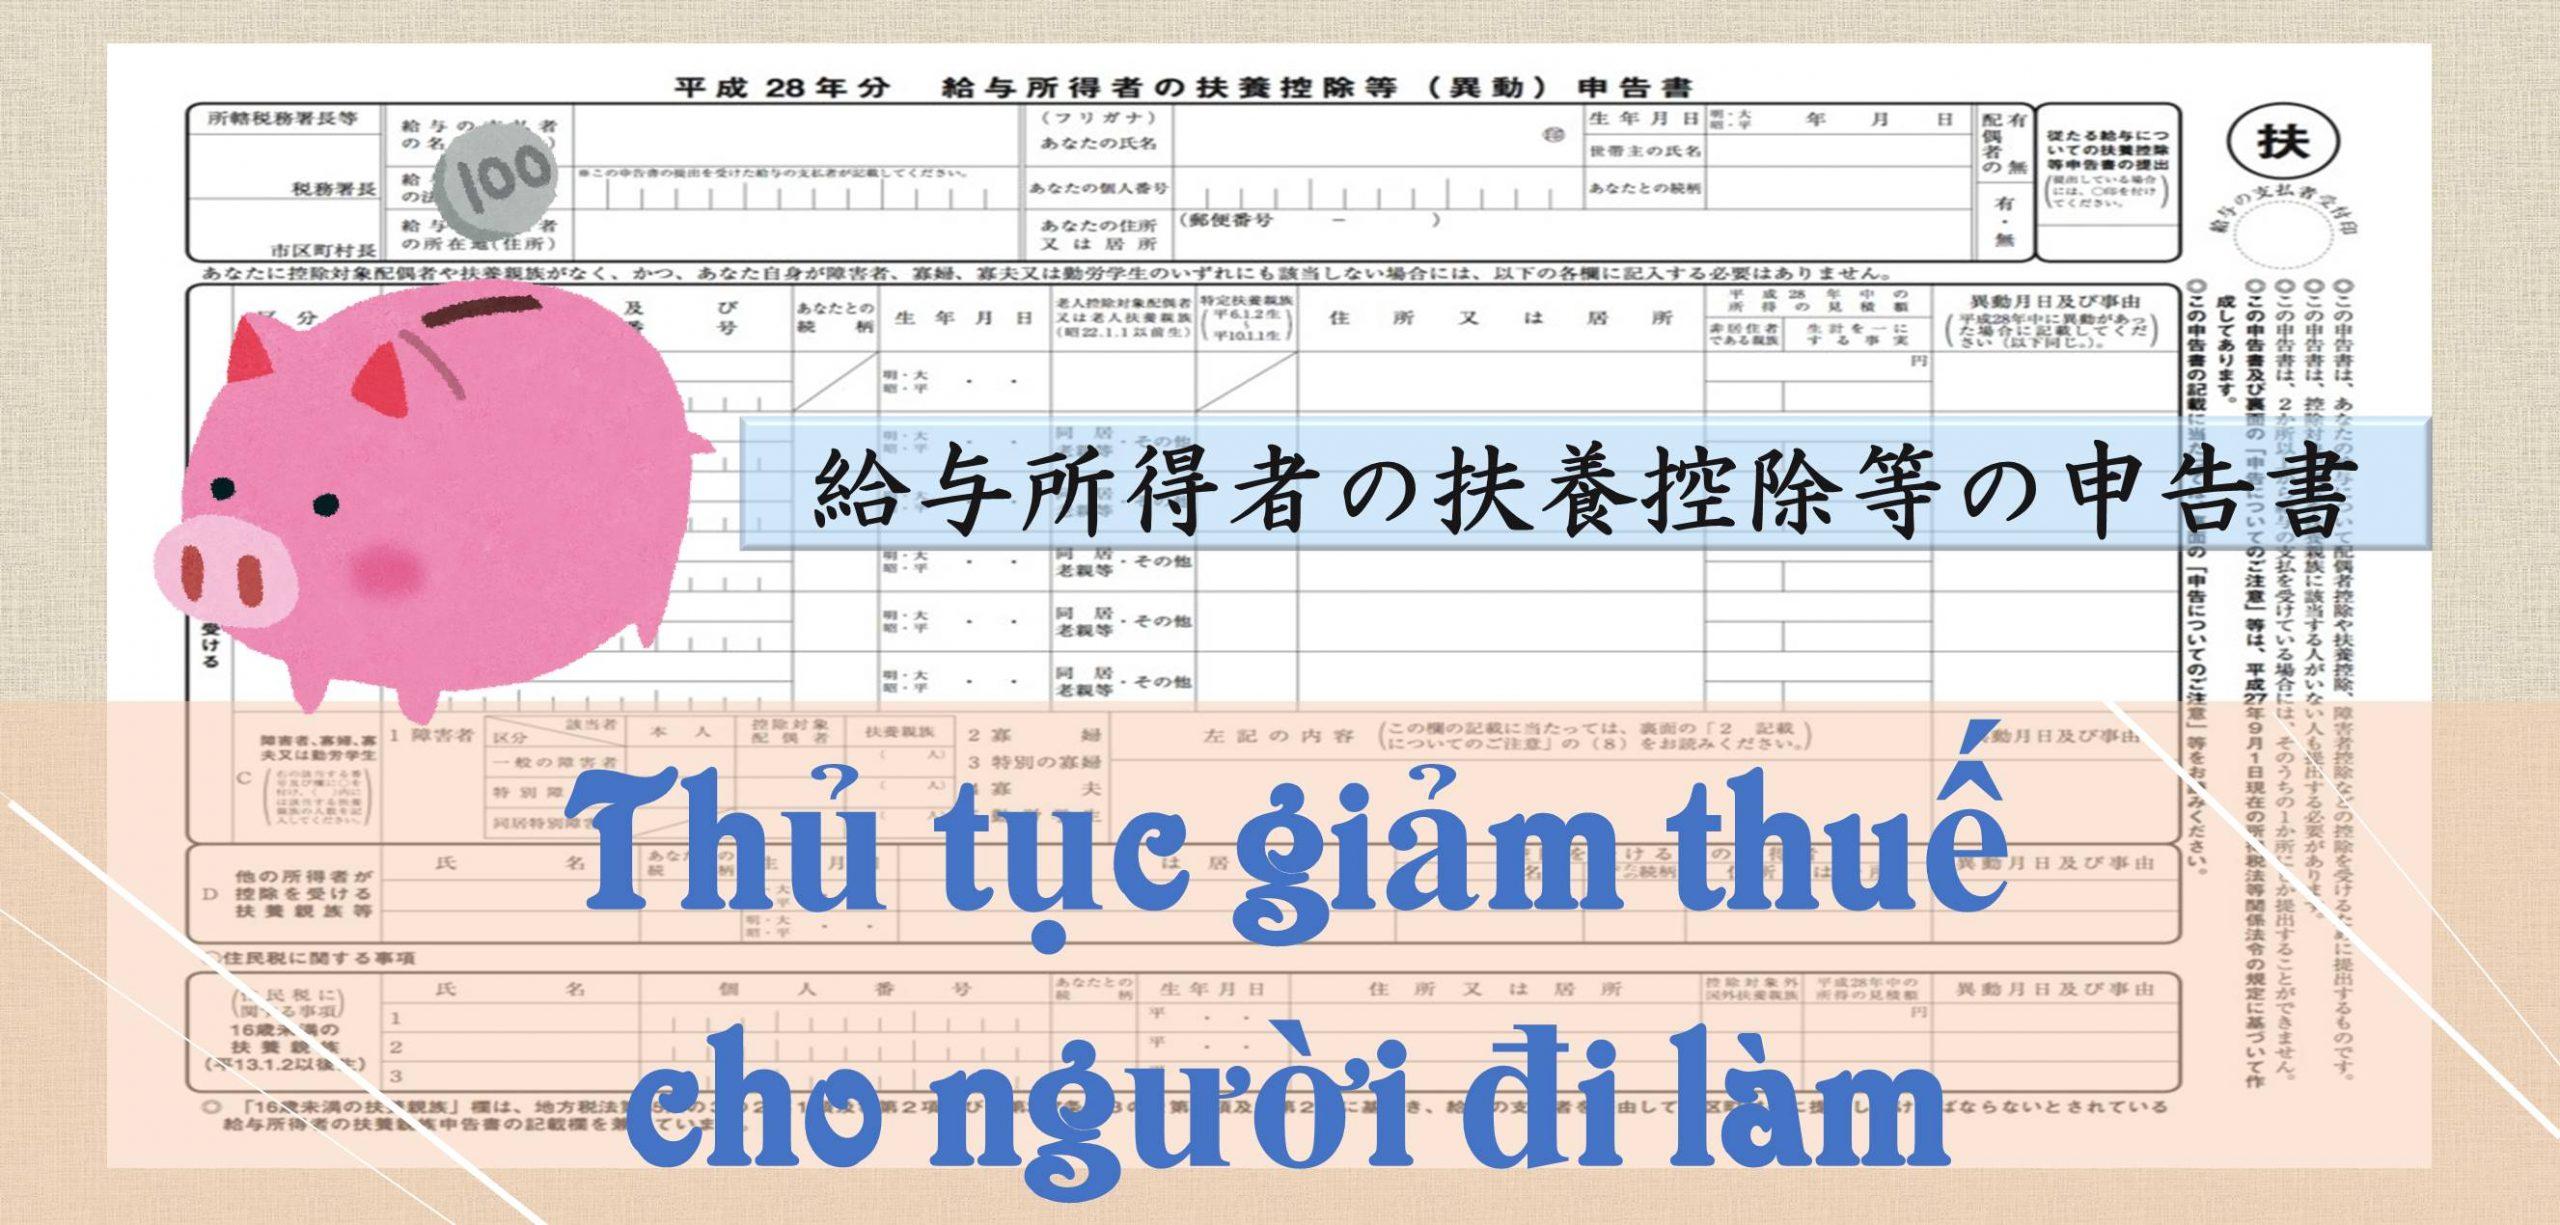 Hướng dẫn thủ tục xin giảm thuế khi làm việc tại Nhật